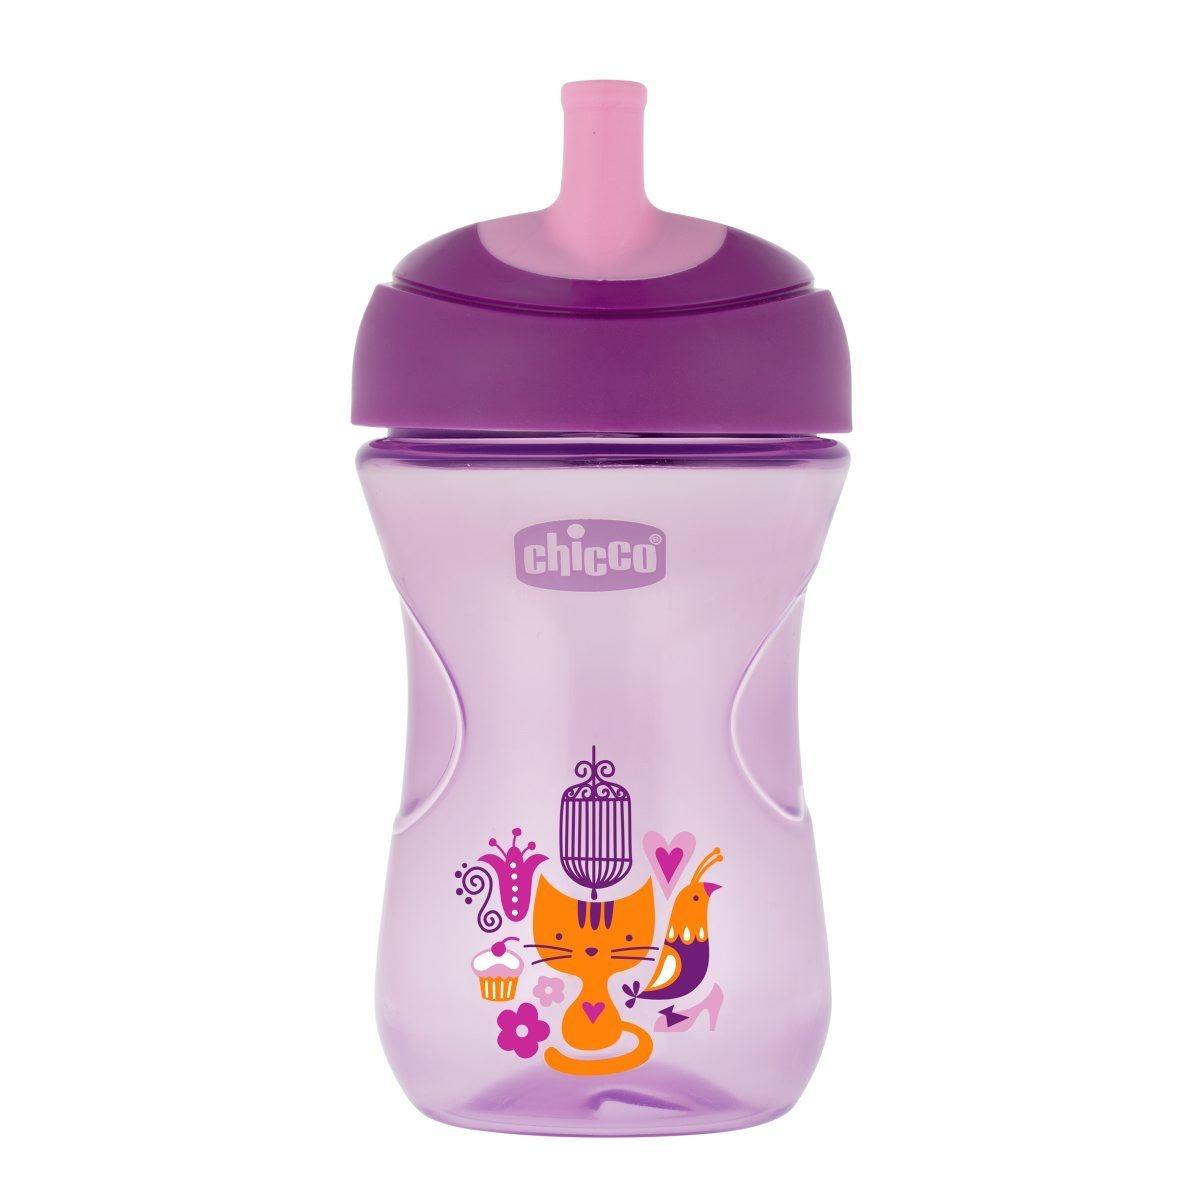 Chicco Hrneček Chicco Pokročilý s brčkem 266 ml, fialový 12m+